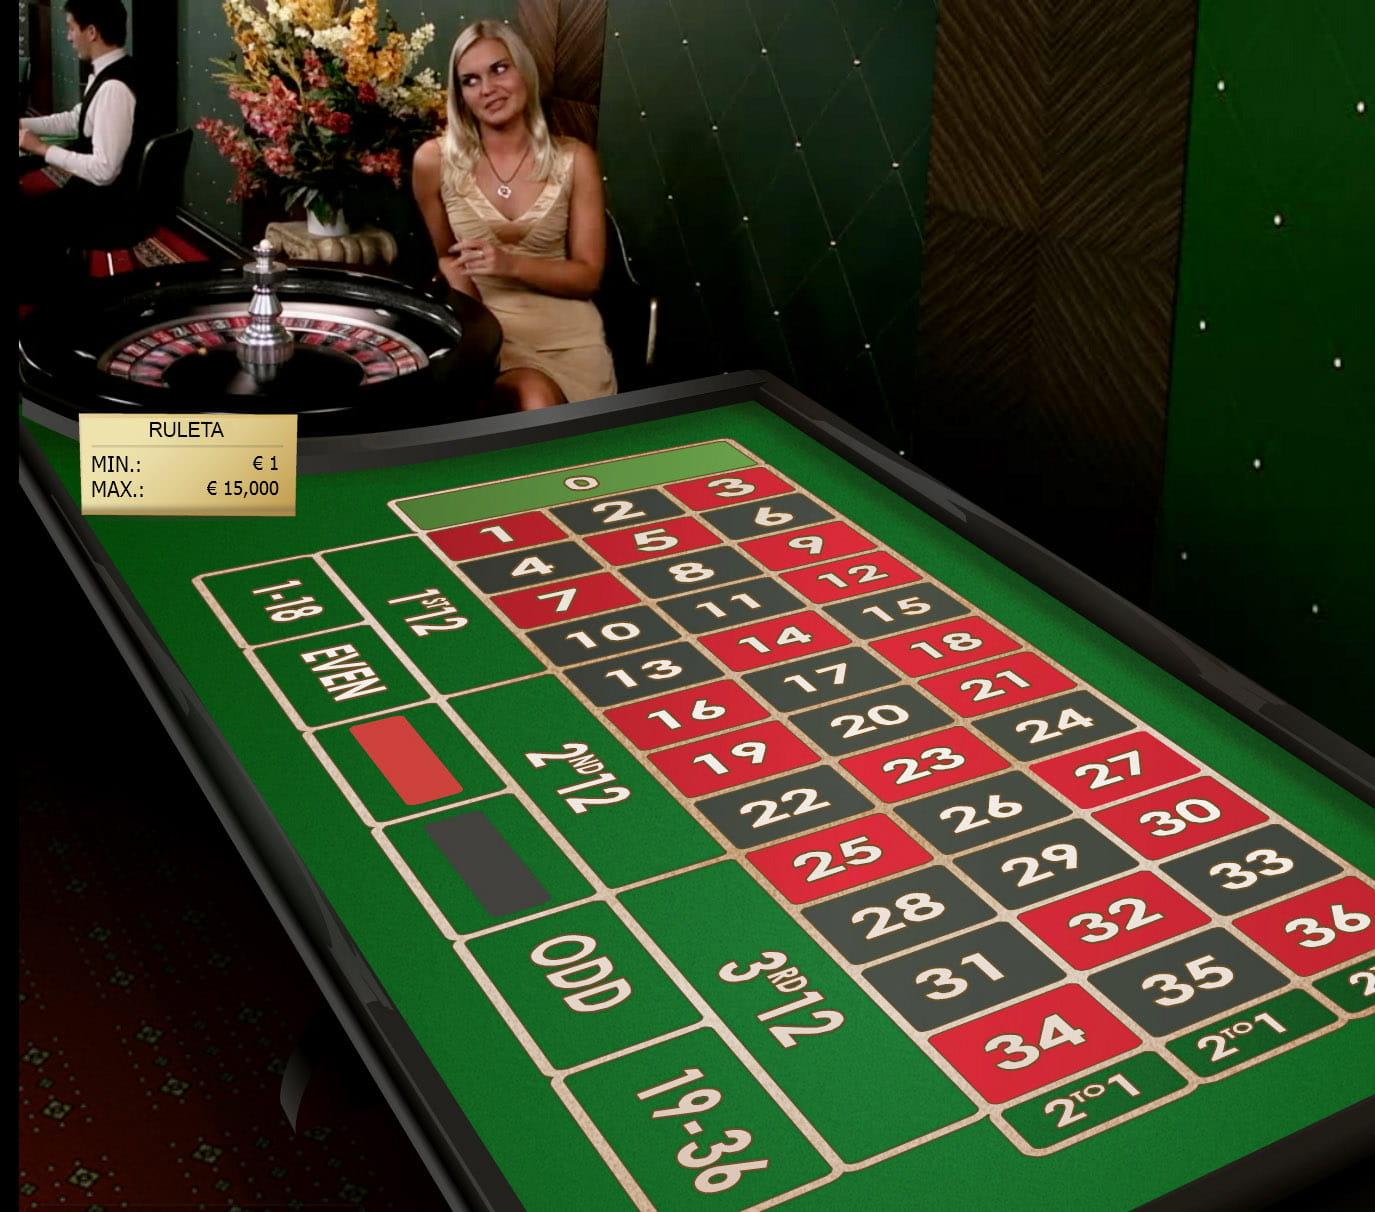 Juegos de casinos en vivo online 340891